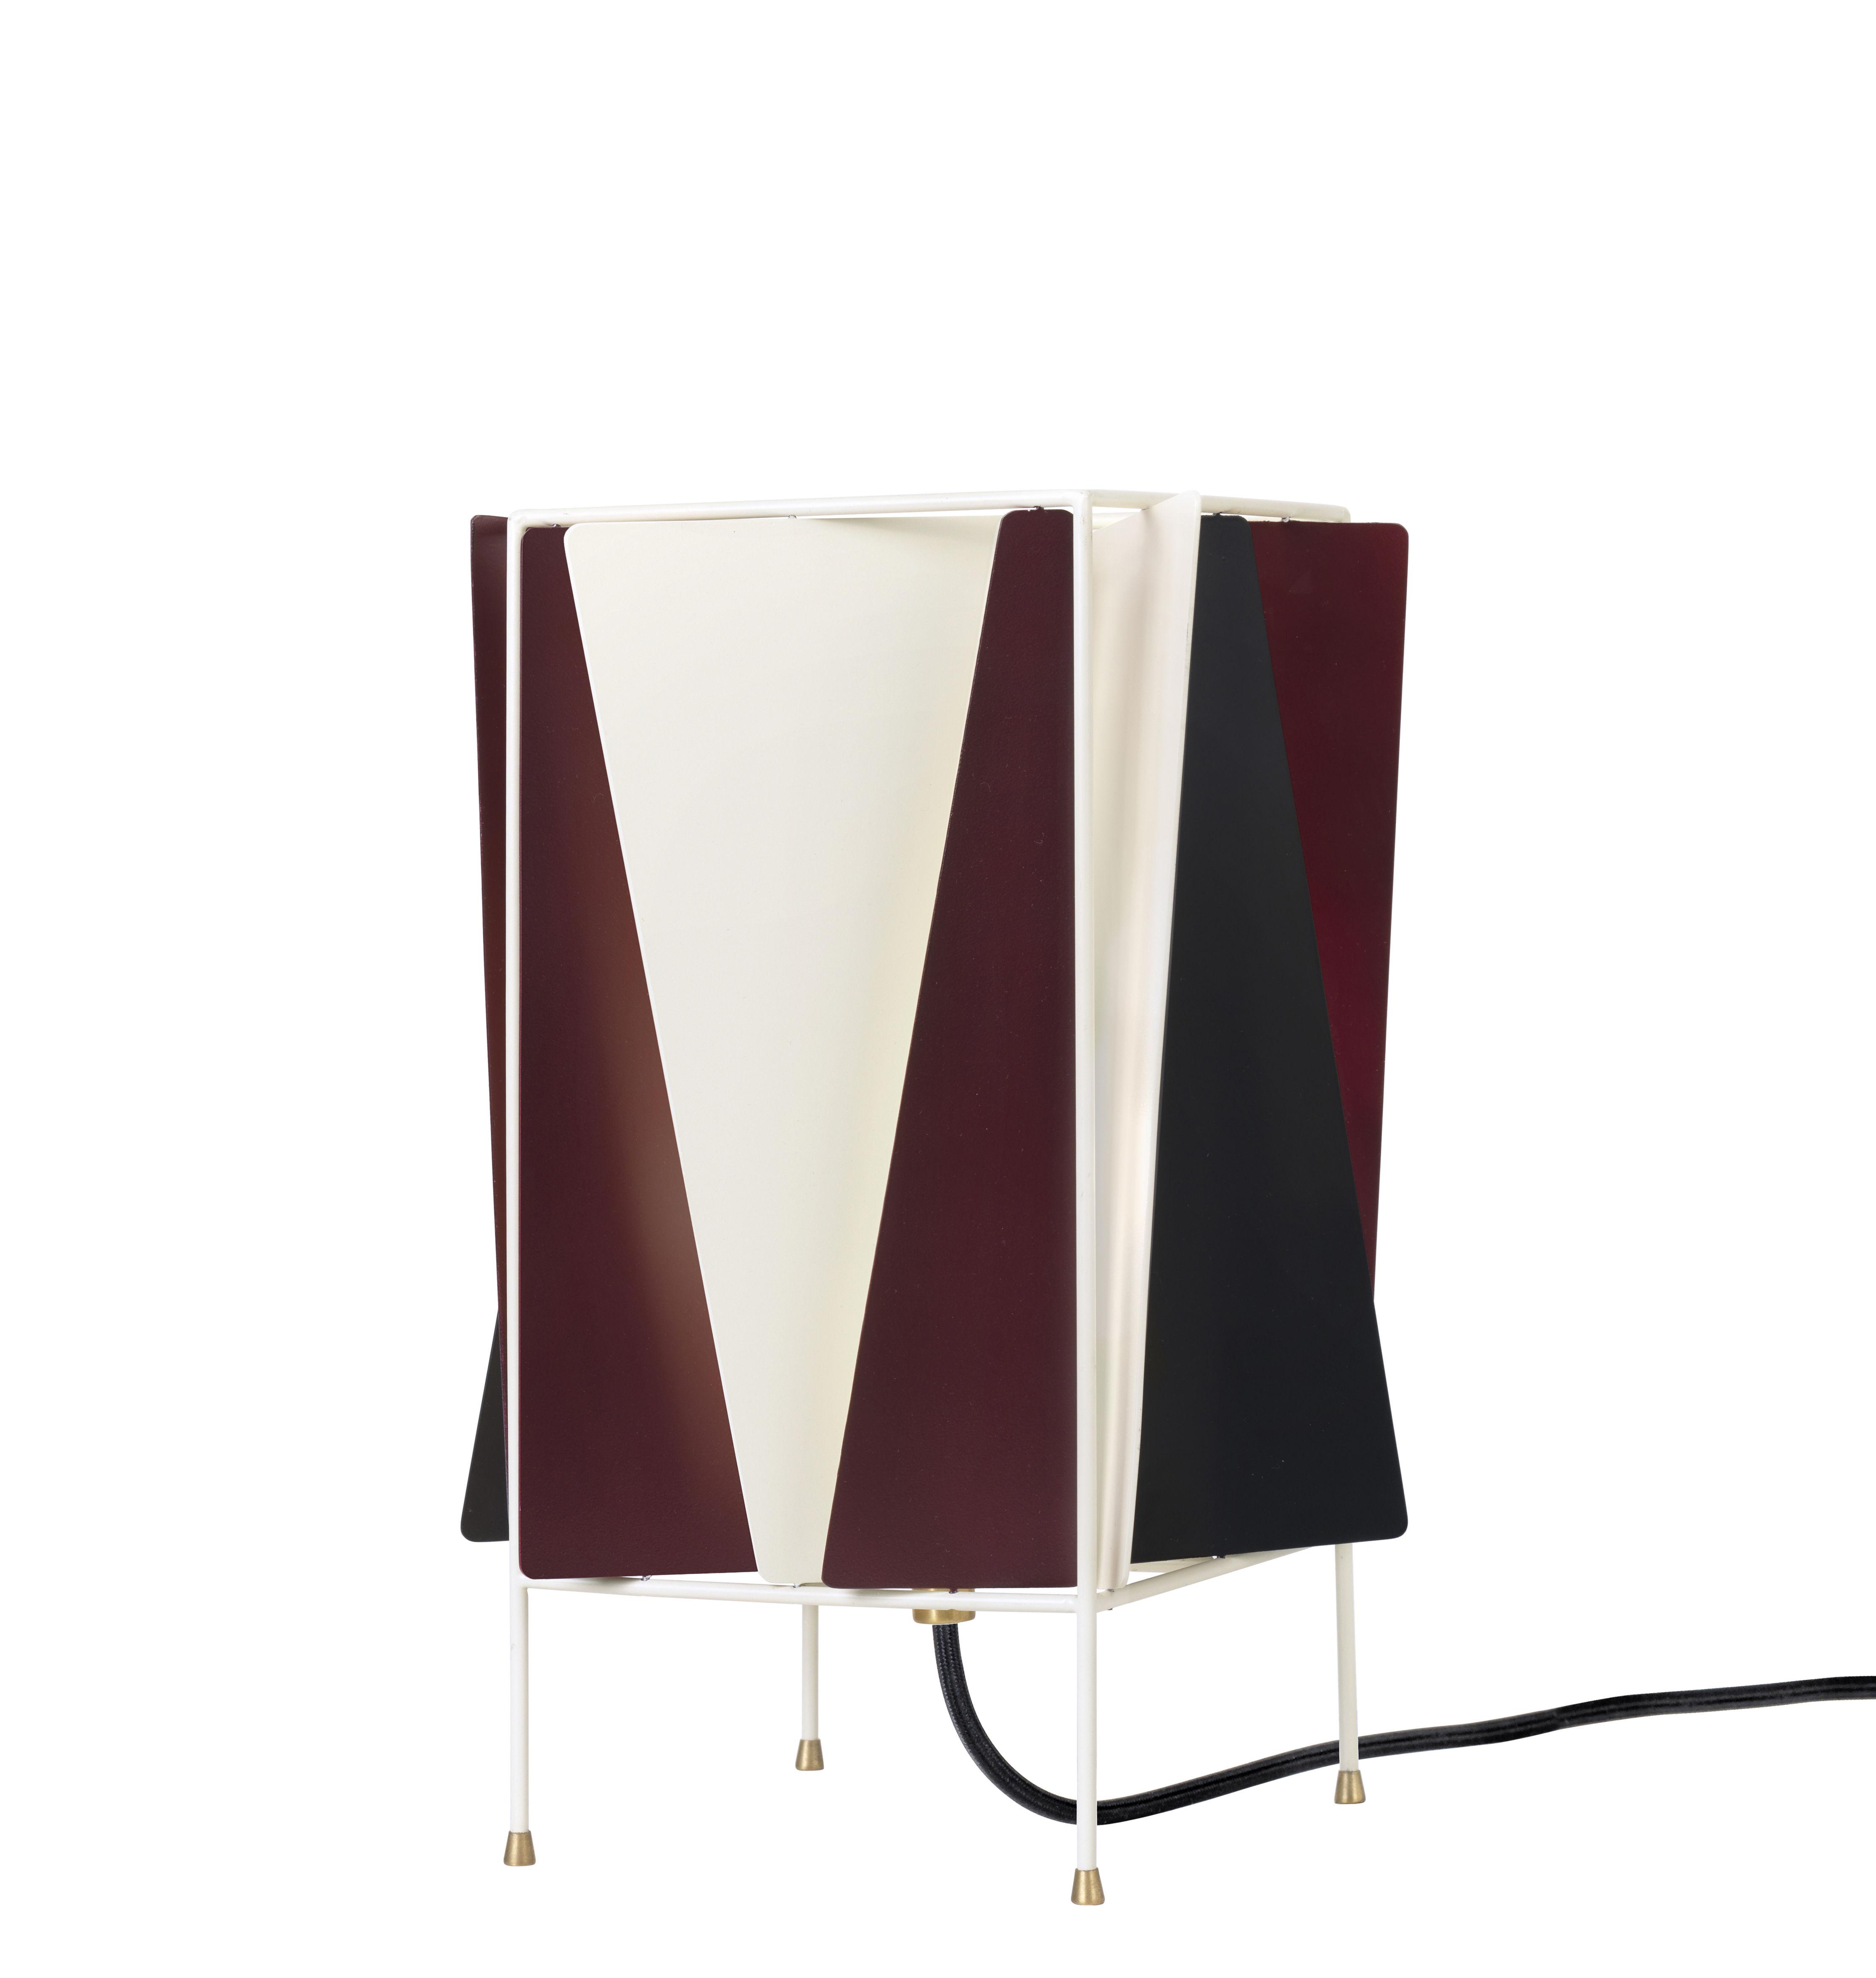 Luminaire - Lampes de table - Lampe de table B-4 / Orientable - Réédition de 1945 - Gubi - Rouge chianti, blanc & noir - Métal